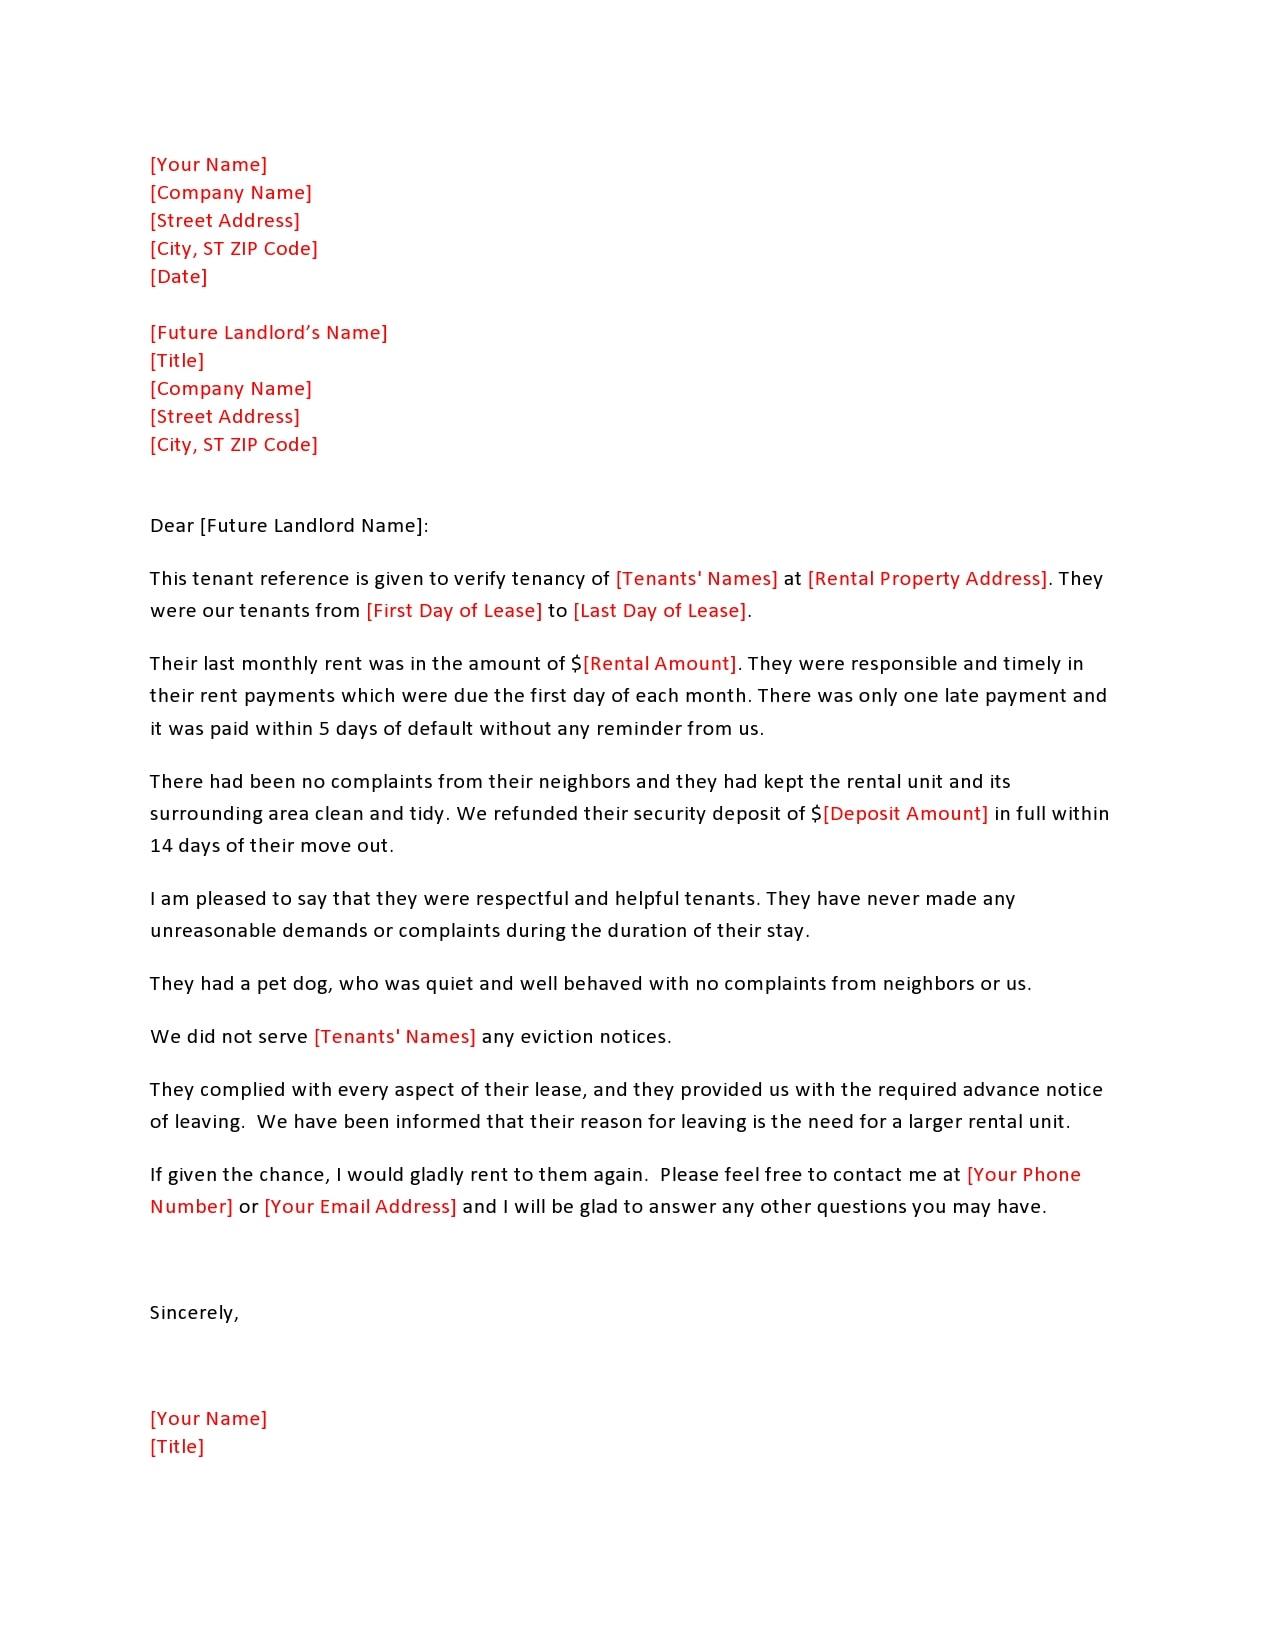 rental reference letter 05